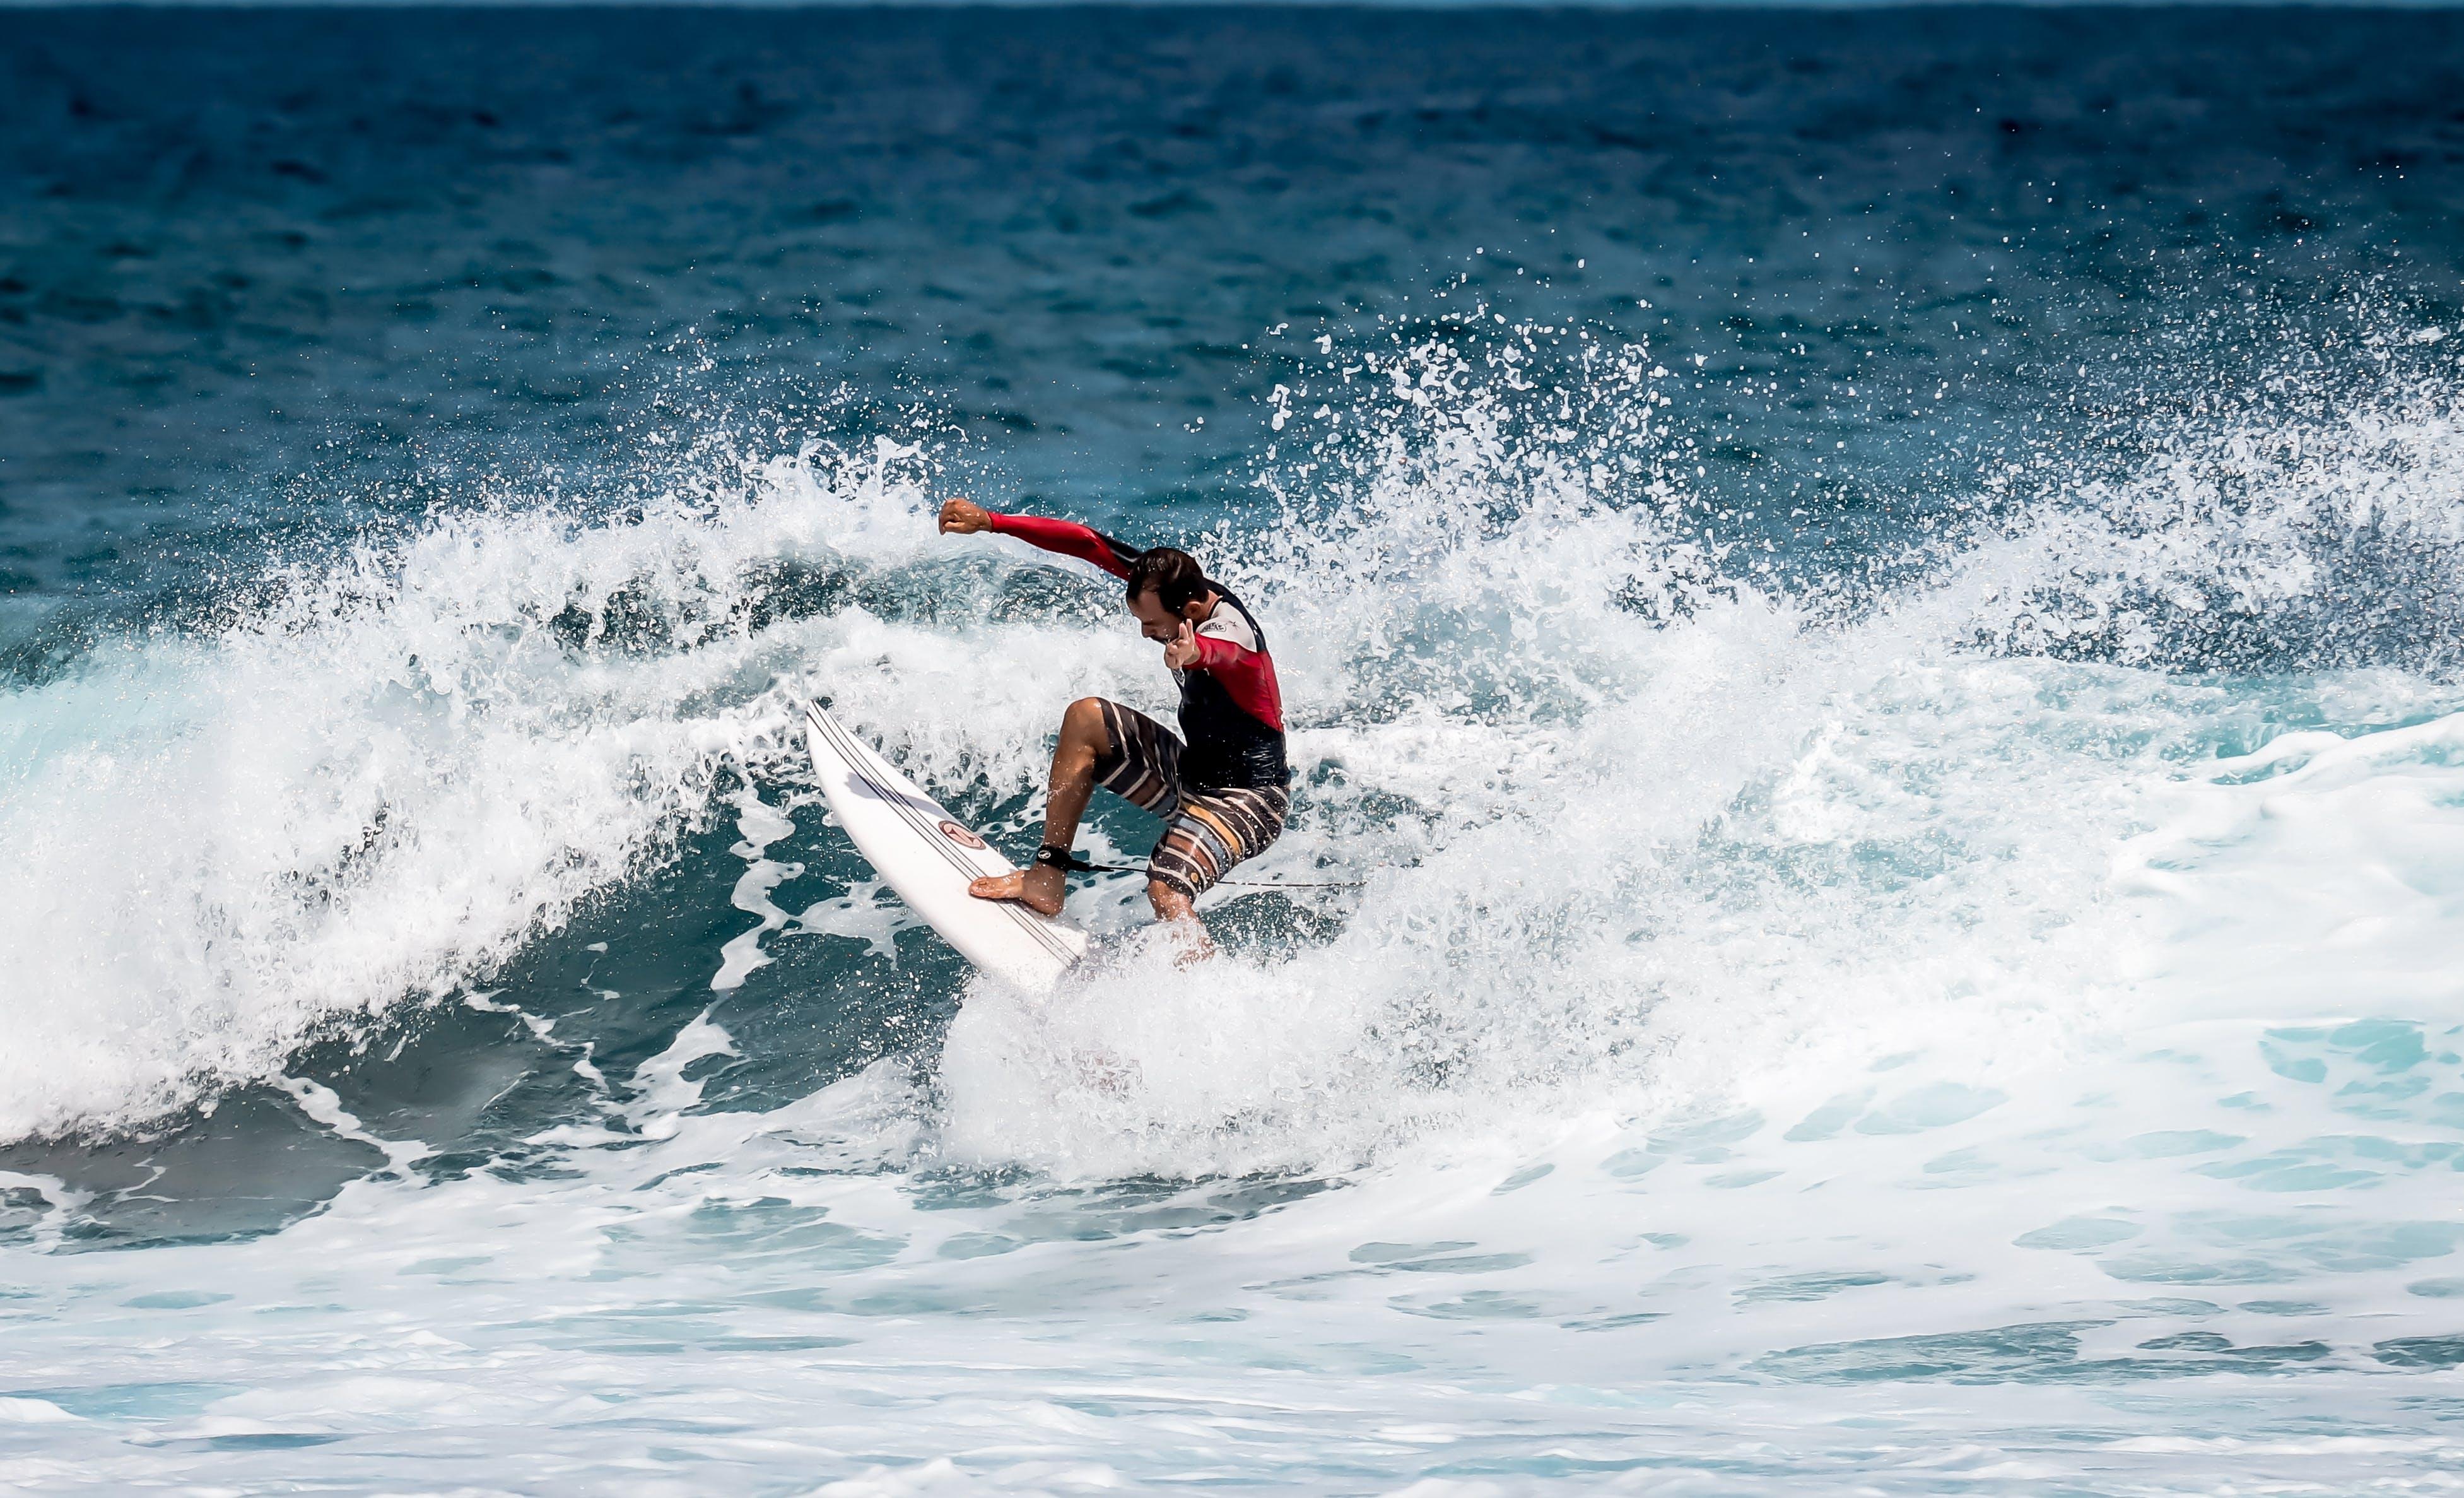 Δωρεάν στοκ φωτογραφιών με Surf, άθλημα, αθλητής, αναψυχή